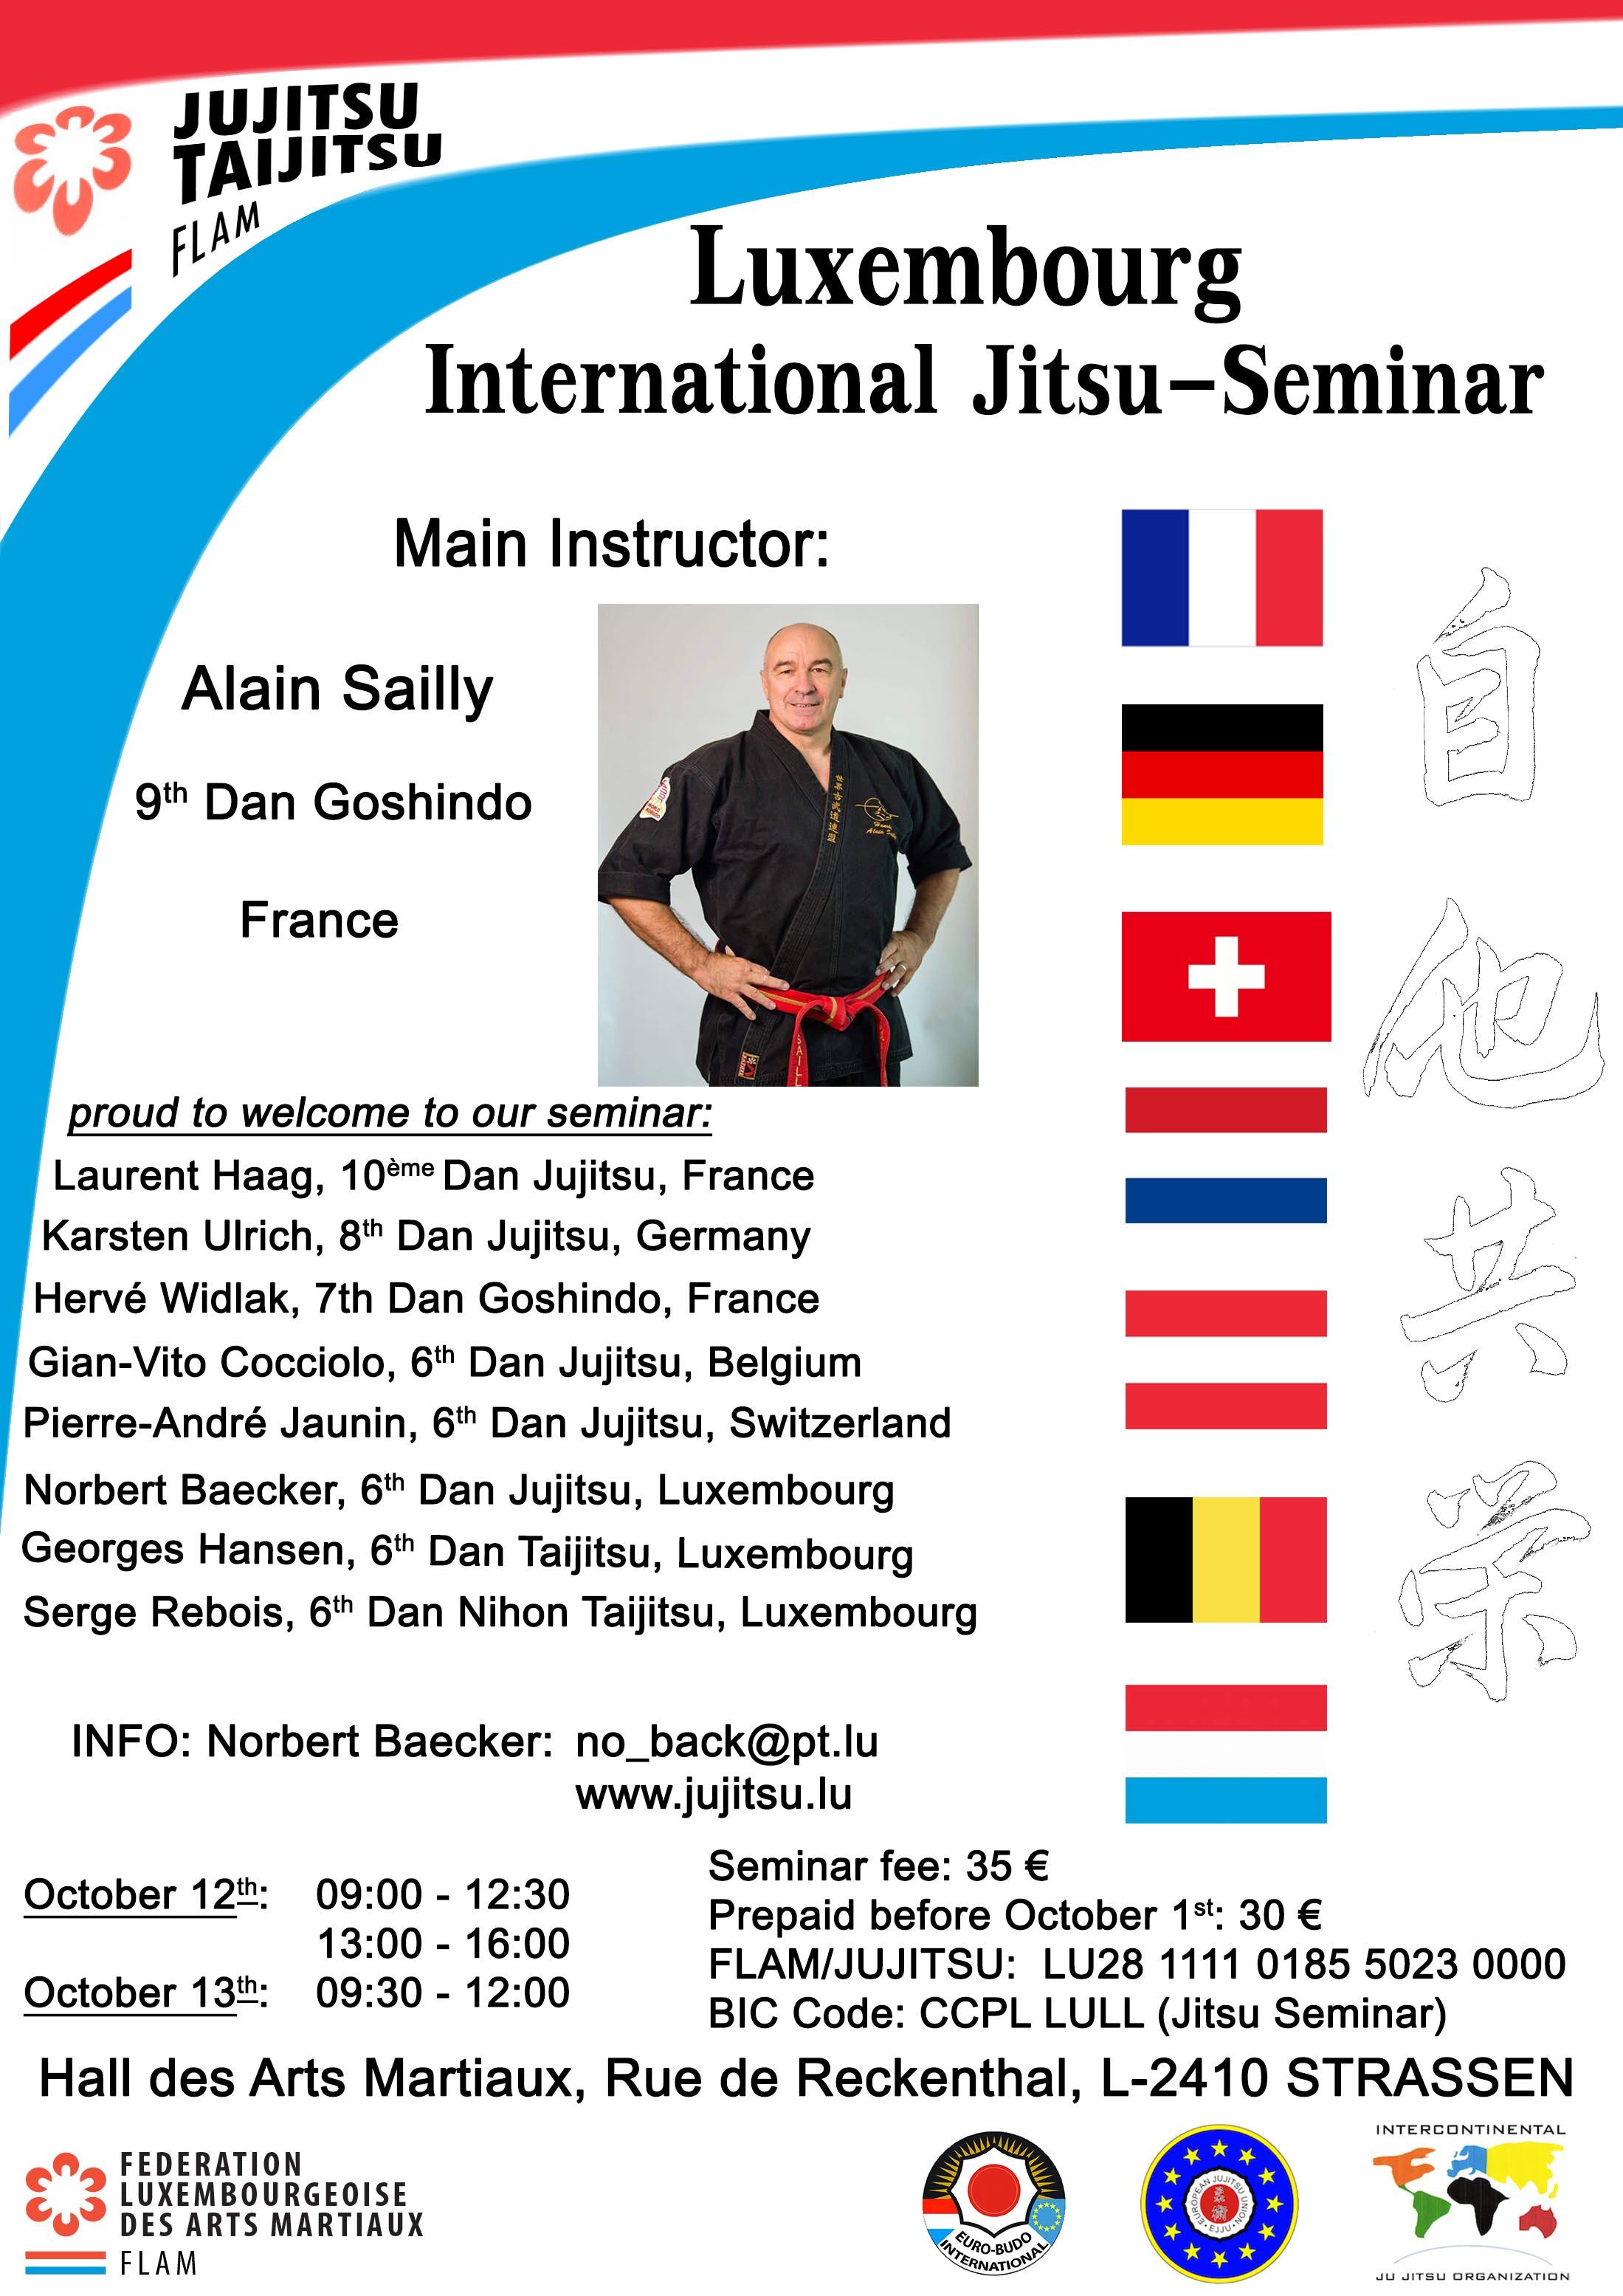 Luxembourg International Jitsu Seminar